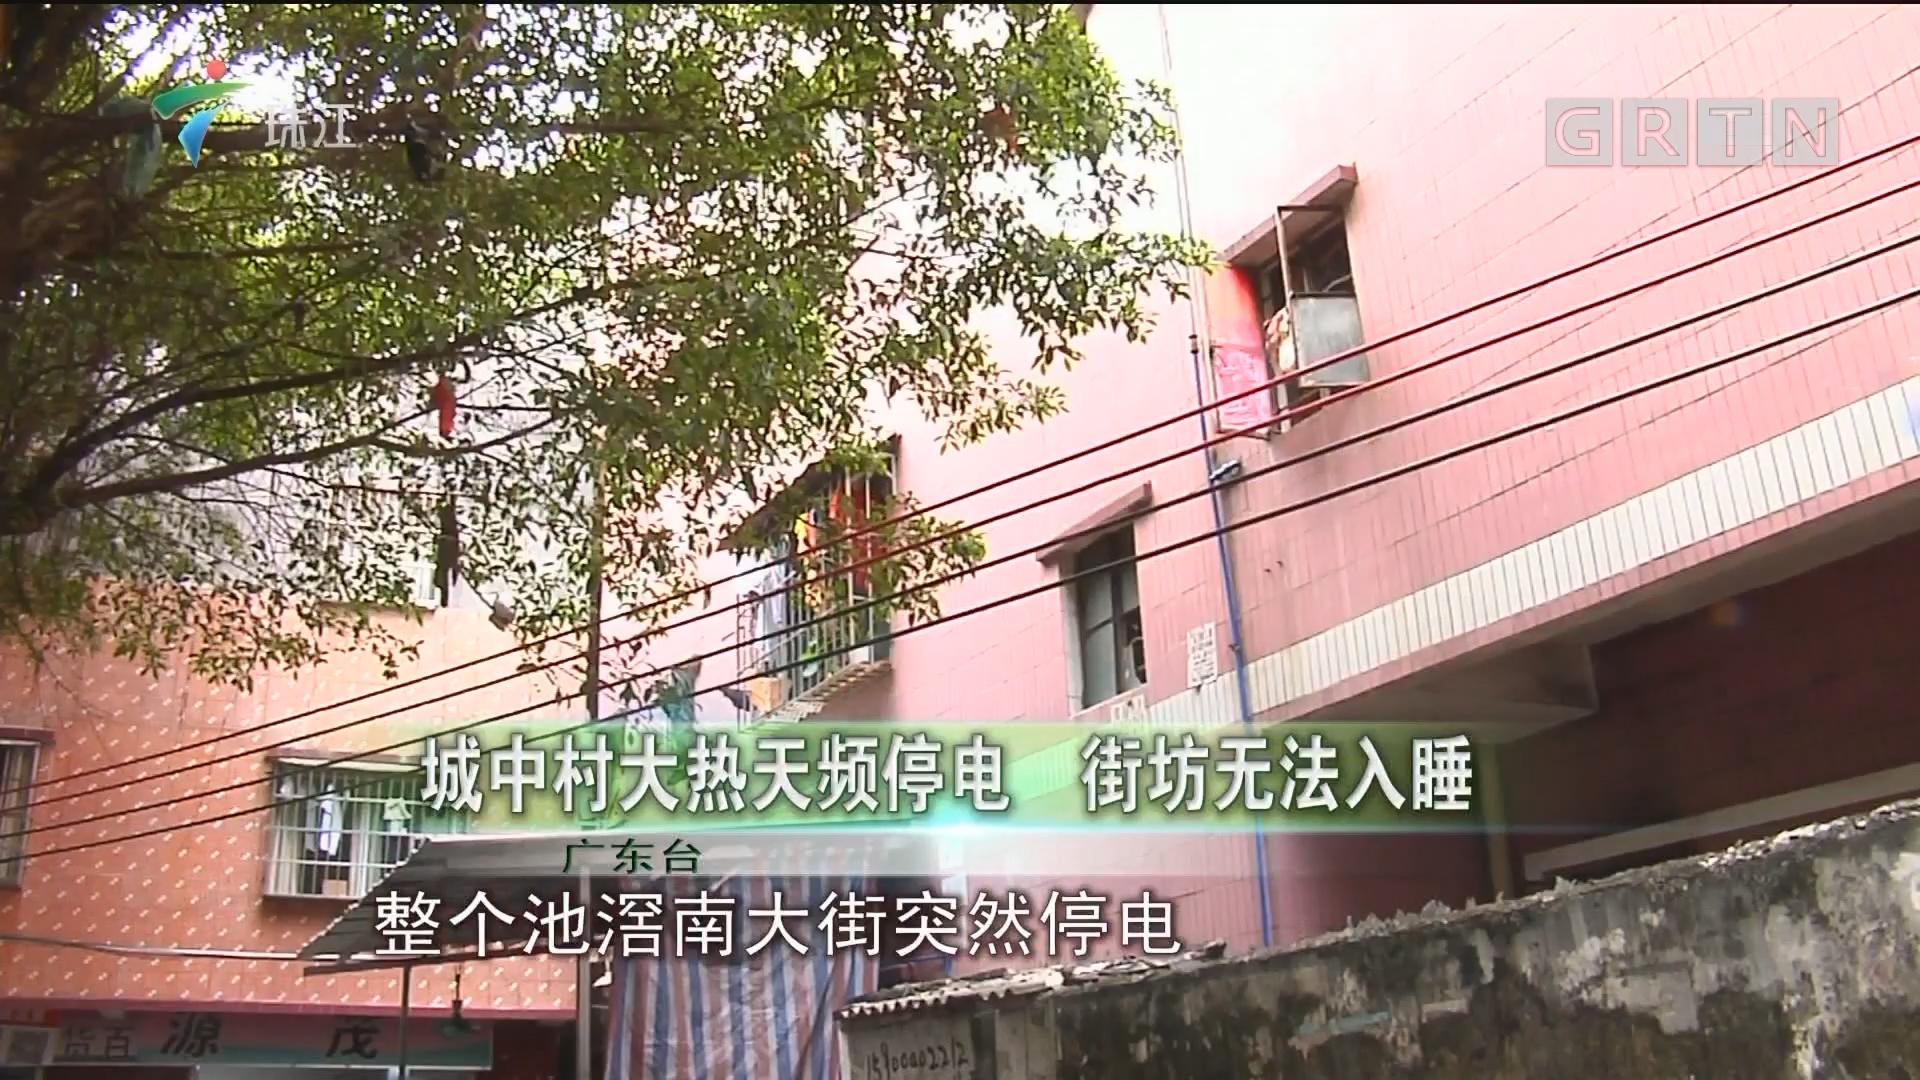 城中村大热天频停电 街坊无法入睡